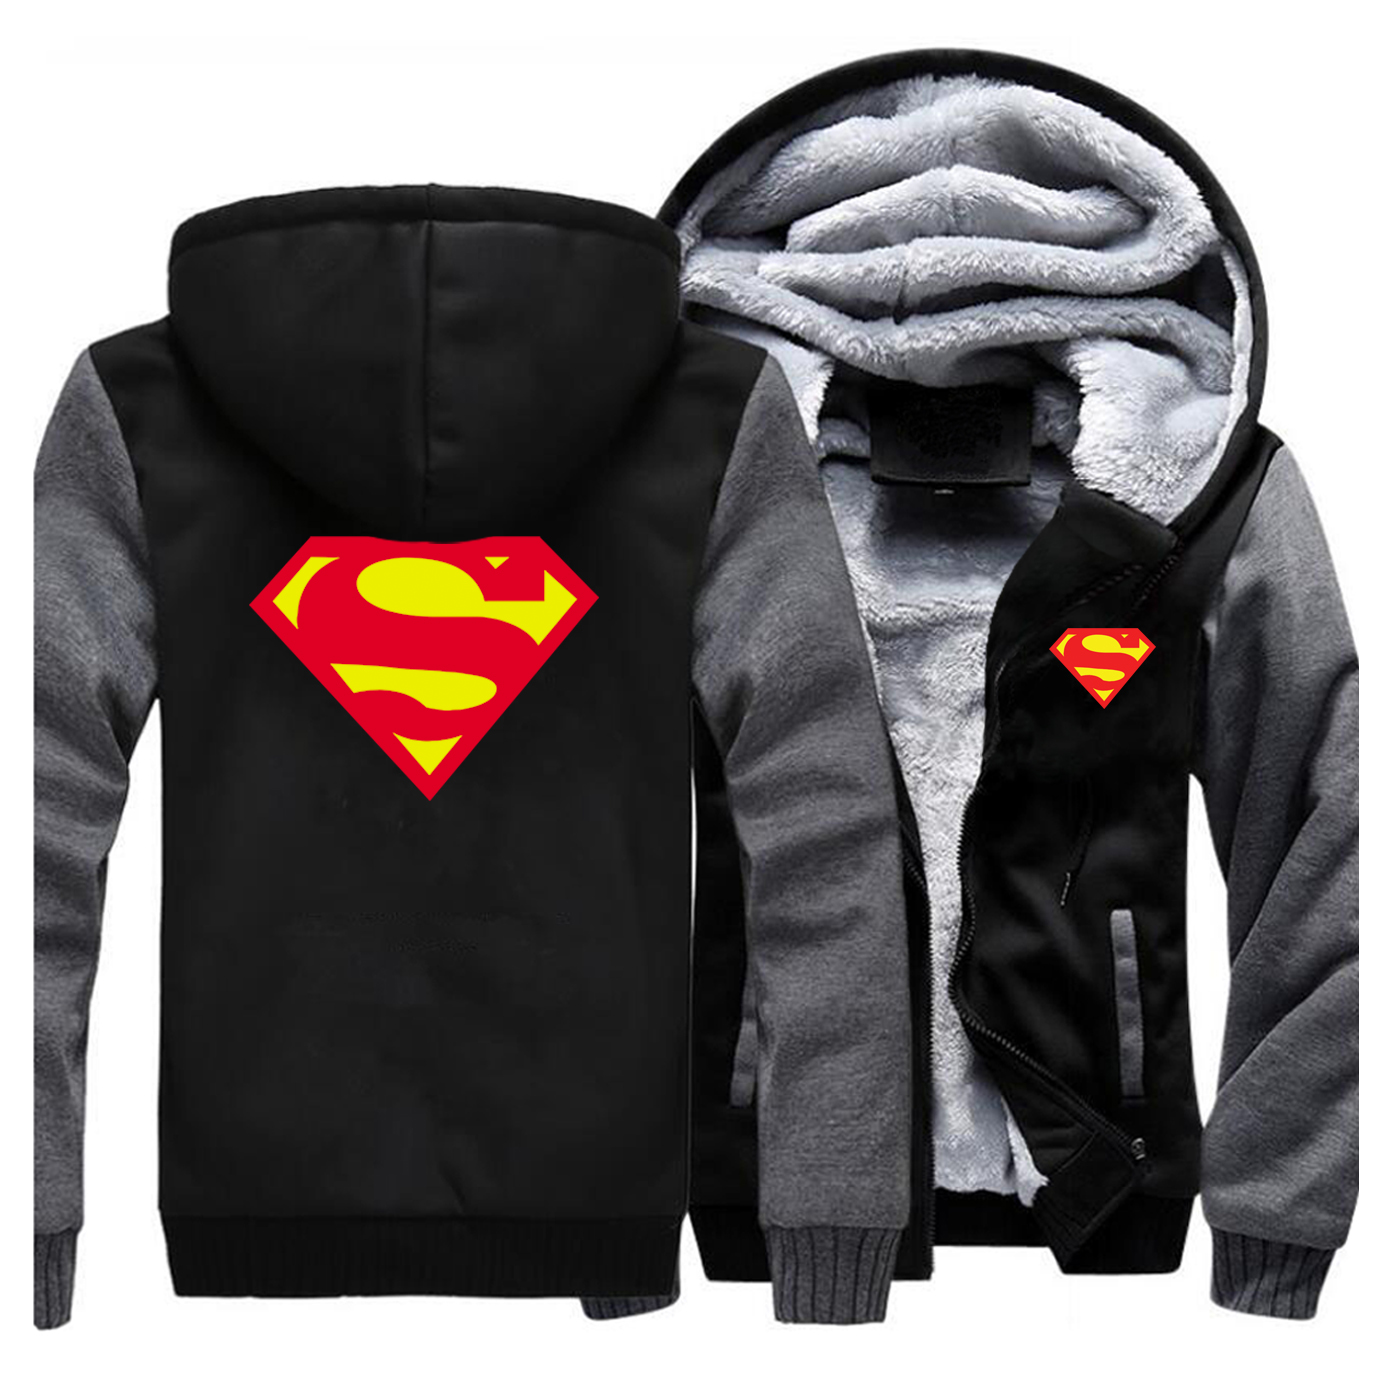 Superman Clark Kent Jacket Sweatshirt Men Super Man Hoodies Zipper Winter Thick Fleece Coat Jackets Sportswear Black Streetwear